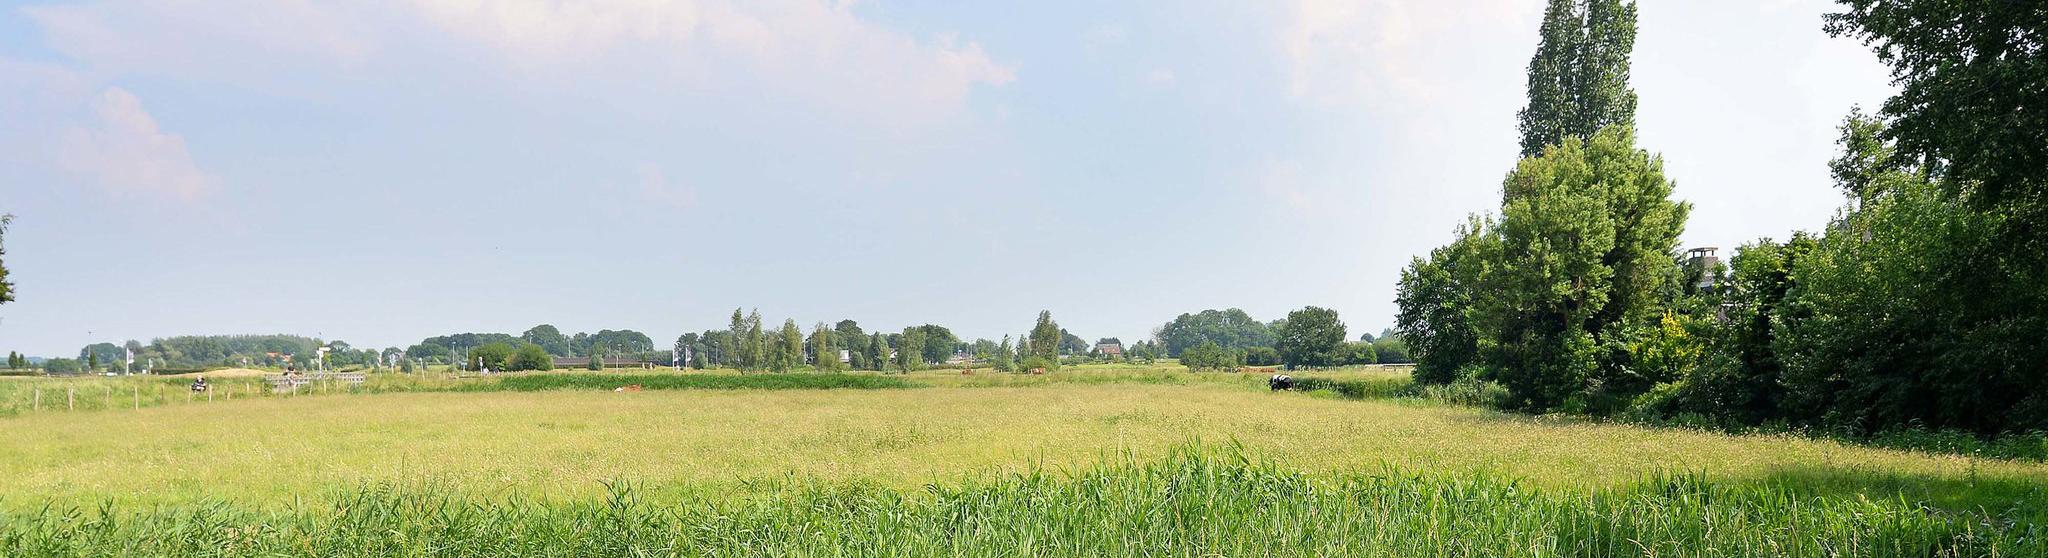 Waardhuizen-Amstelveen-Header